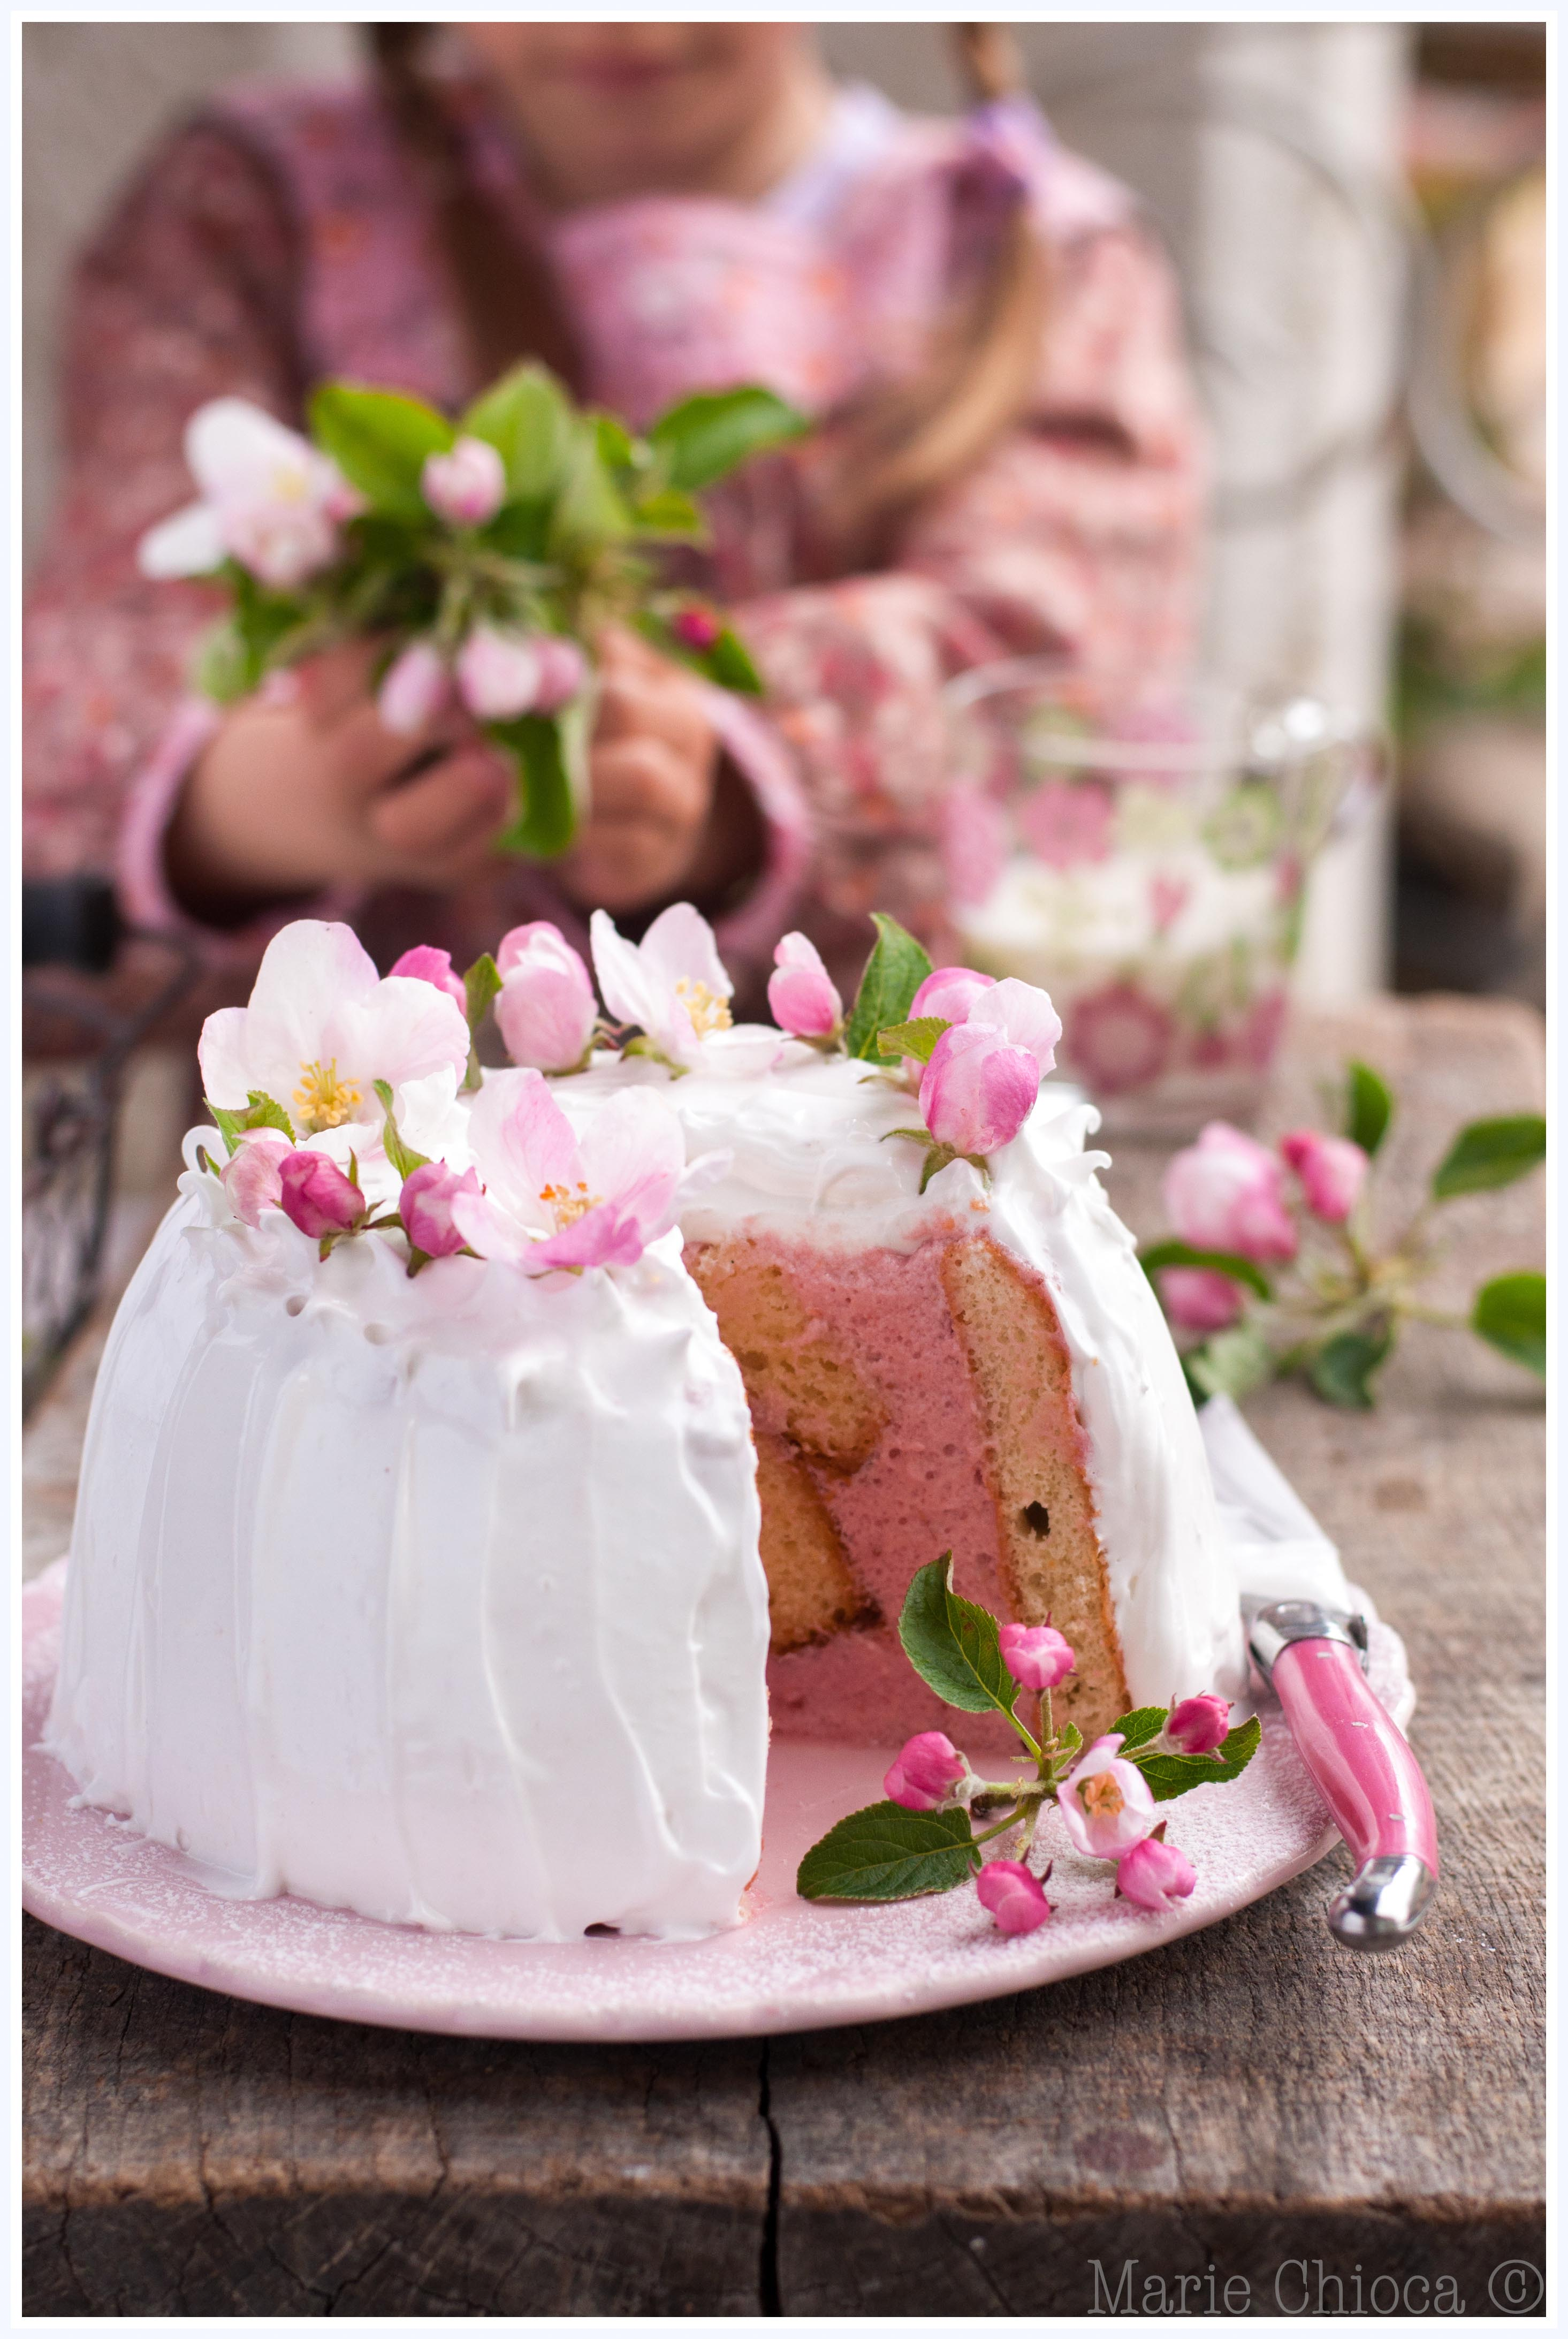 22 Charlotte aux fraises meringuée pour la fête des Mamans 1-2-2